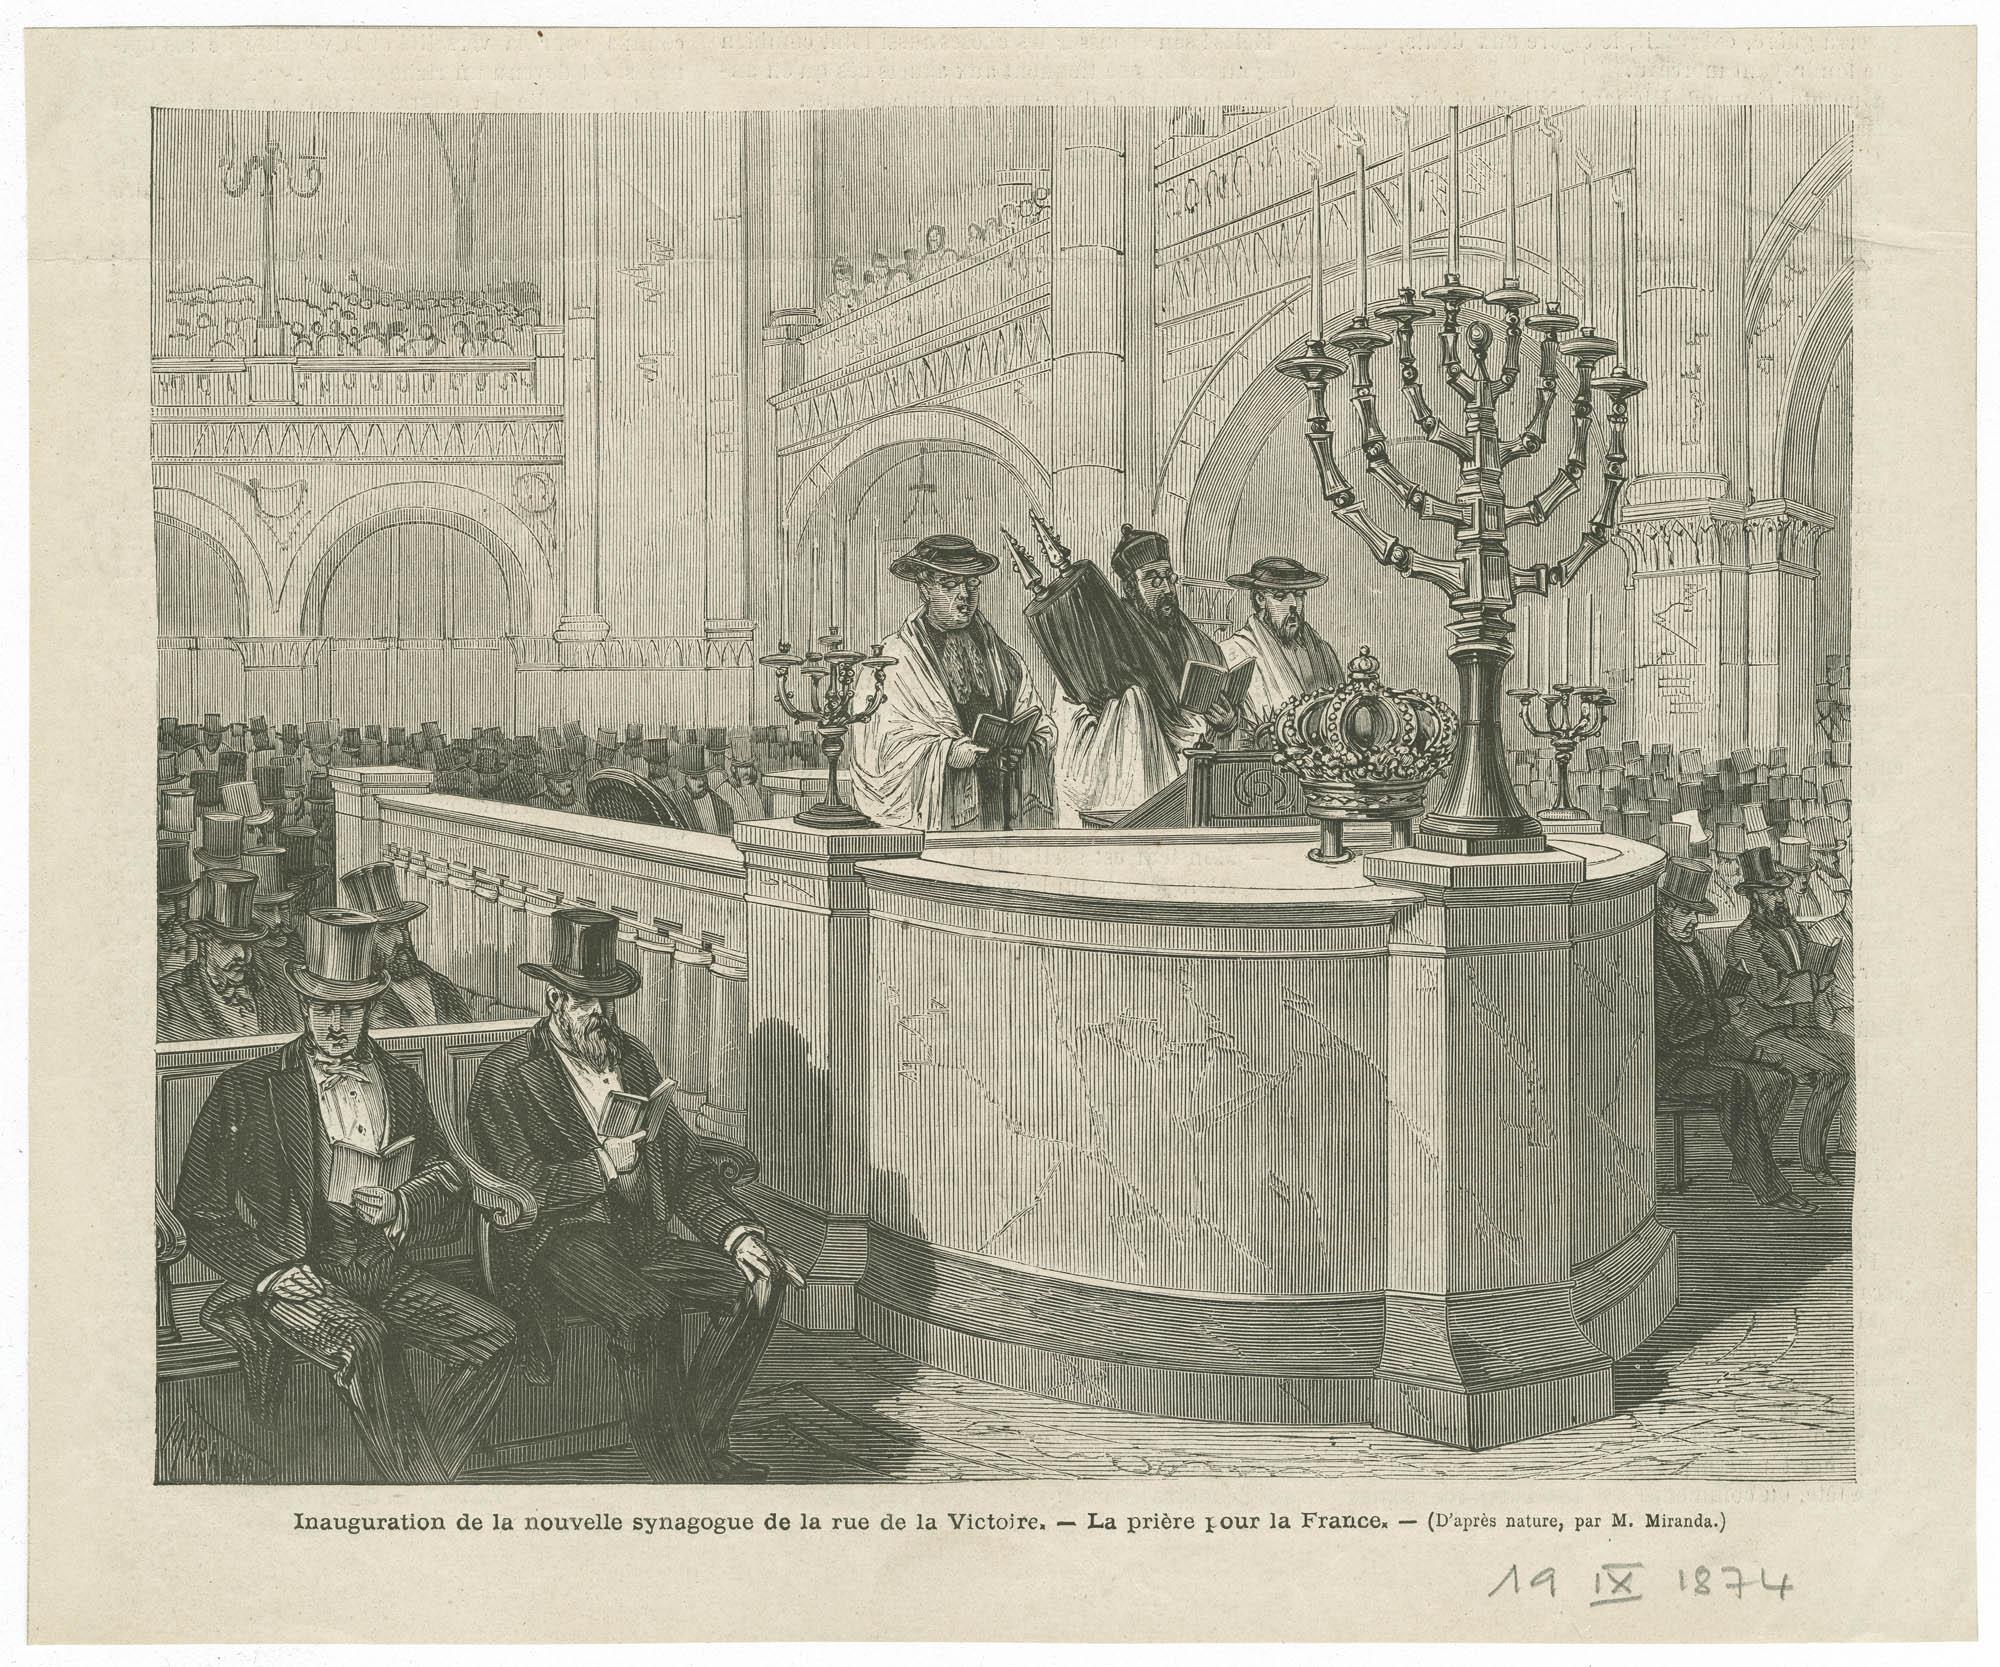 Inauguration de la nouvelle synagogue de la rue de la Victoire. - La prière pour la France.